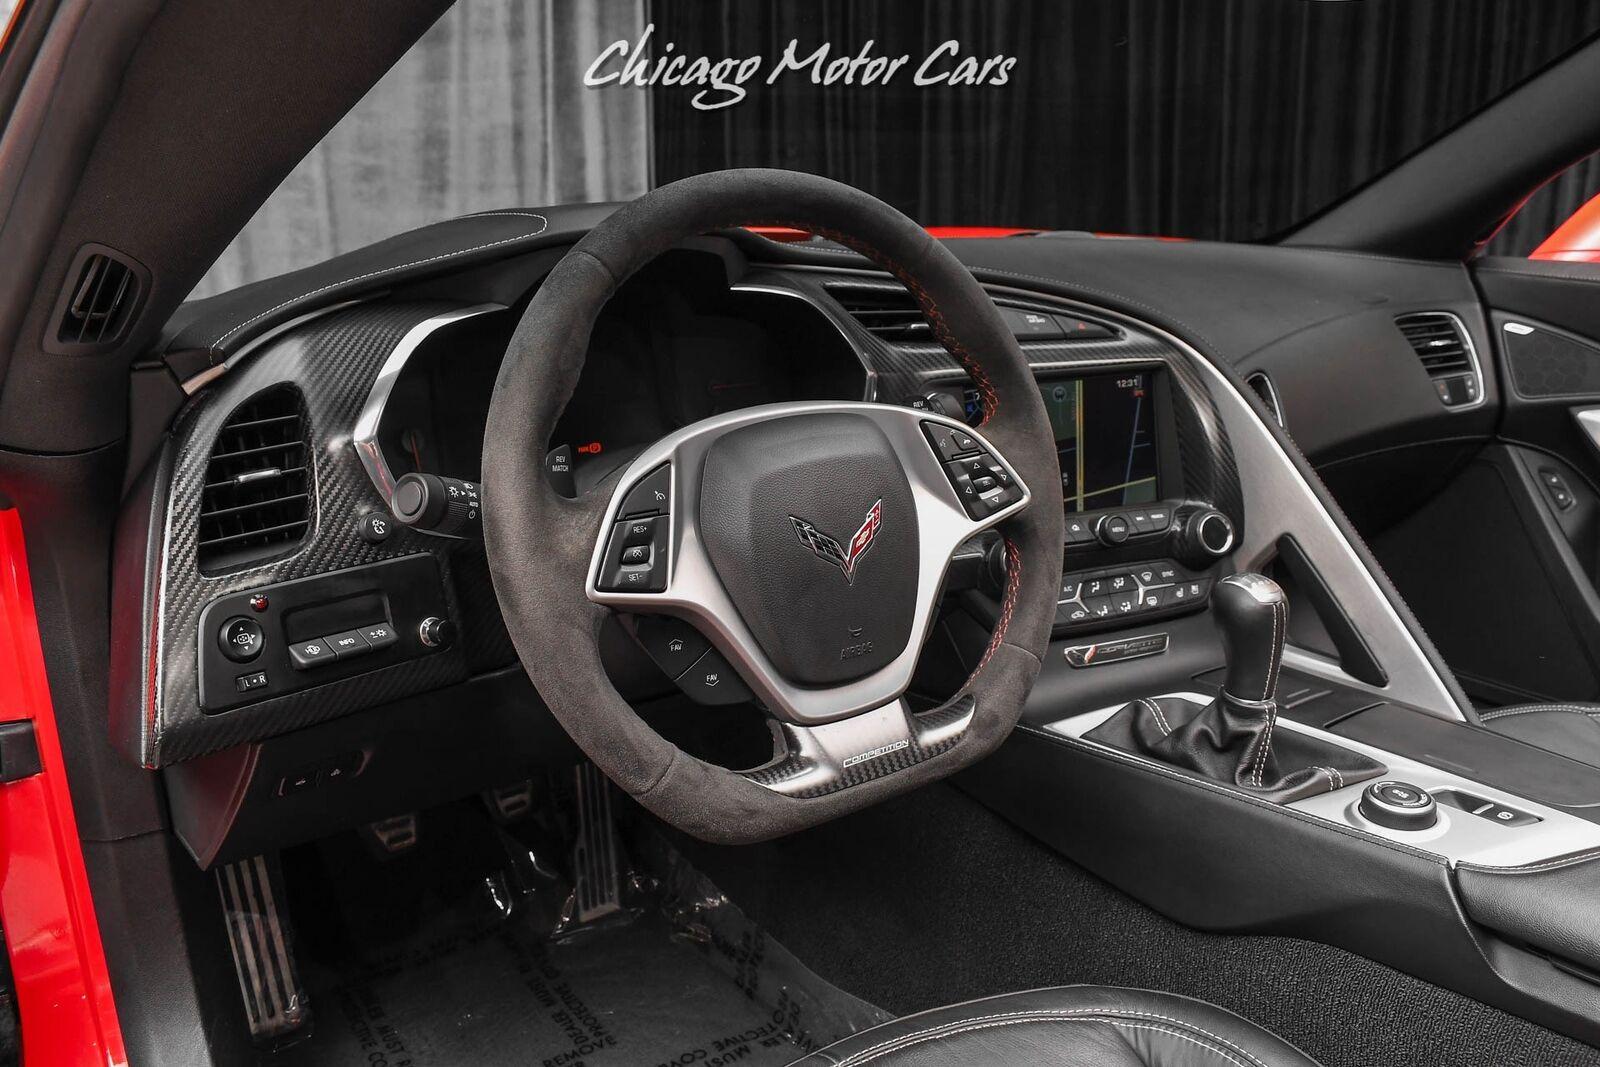 2014 Red Chevrolet Corvette Stingray 2LT | C7 Corvette Photo 8